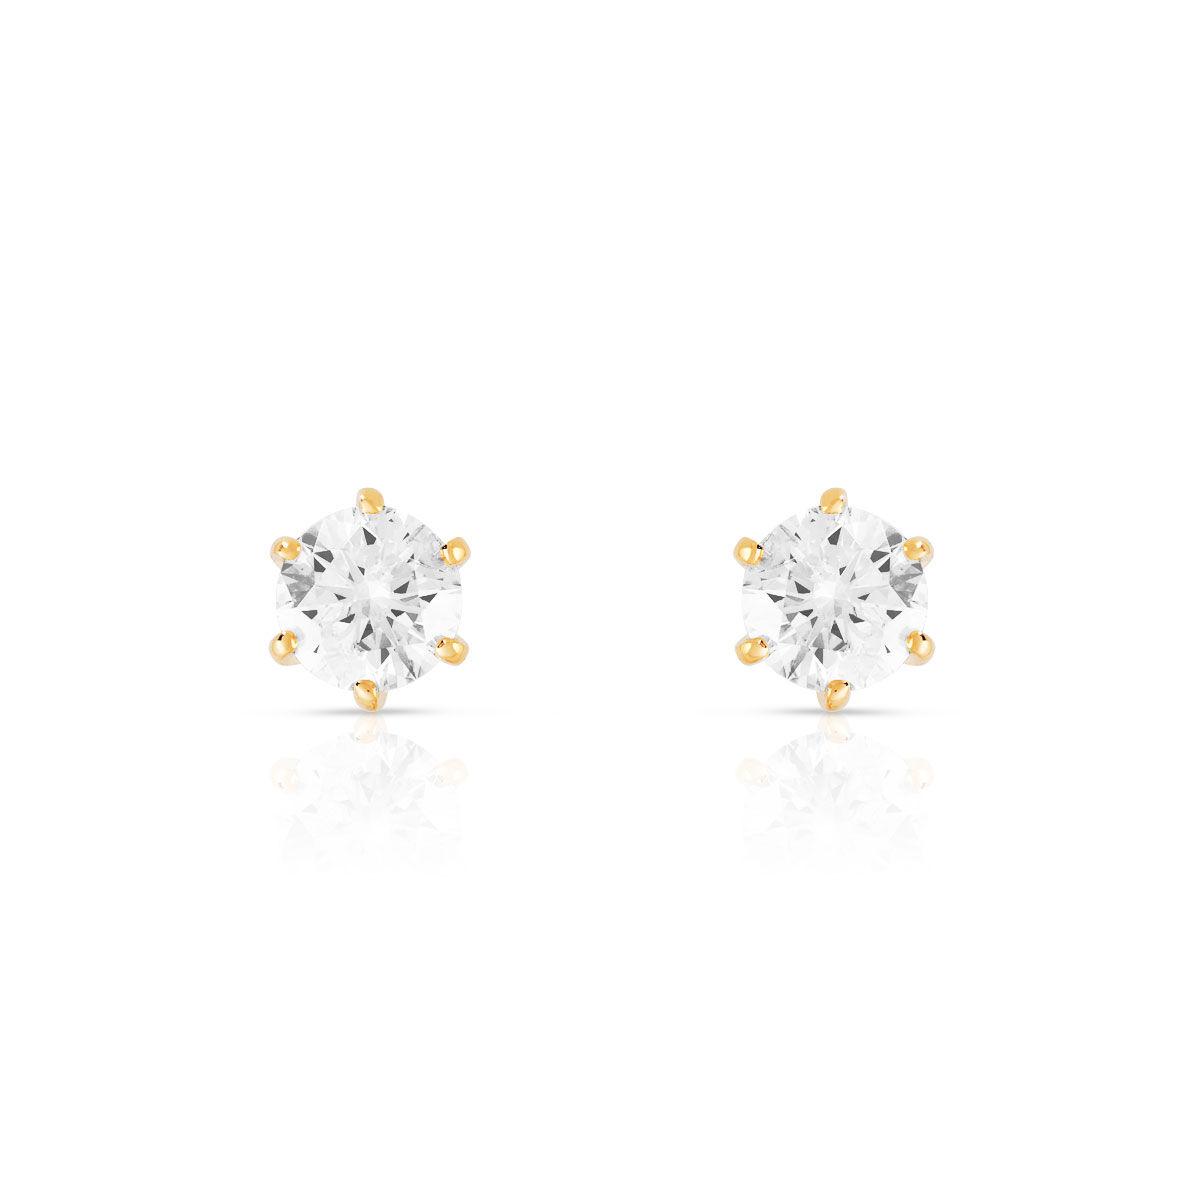 MATY Boucles d'oreilles or 750 jaune diamants synthétiques 1 carat- MATY